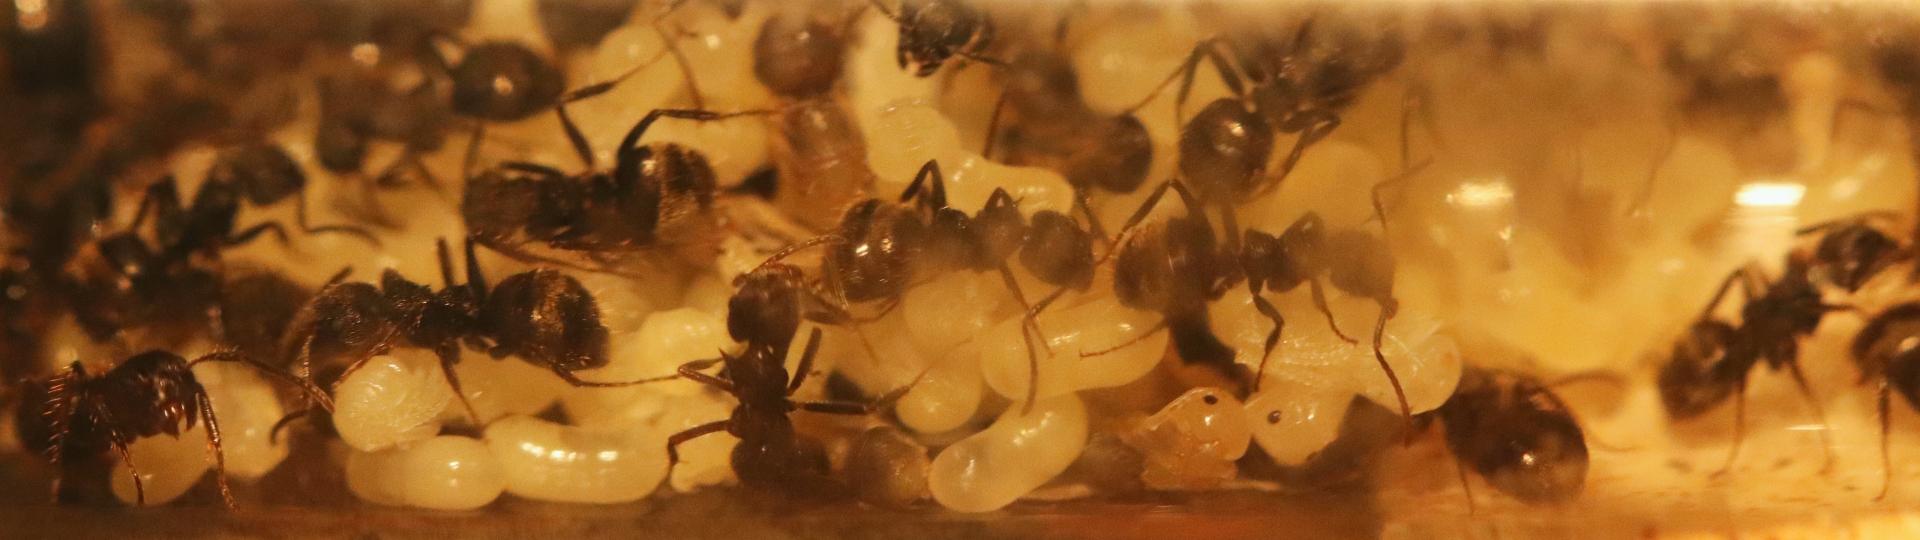 Dolichoderus bispinosus 17 Kolonie im RG 03